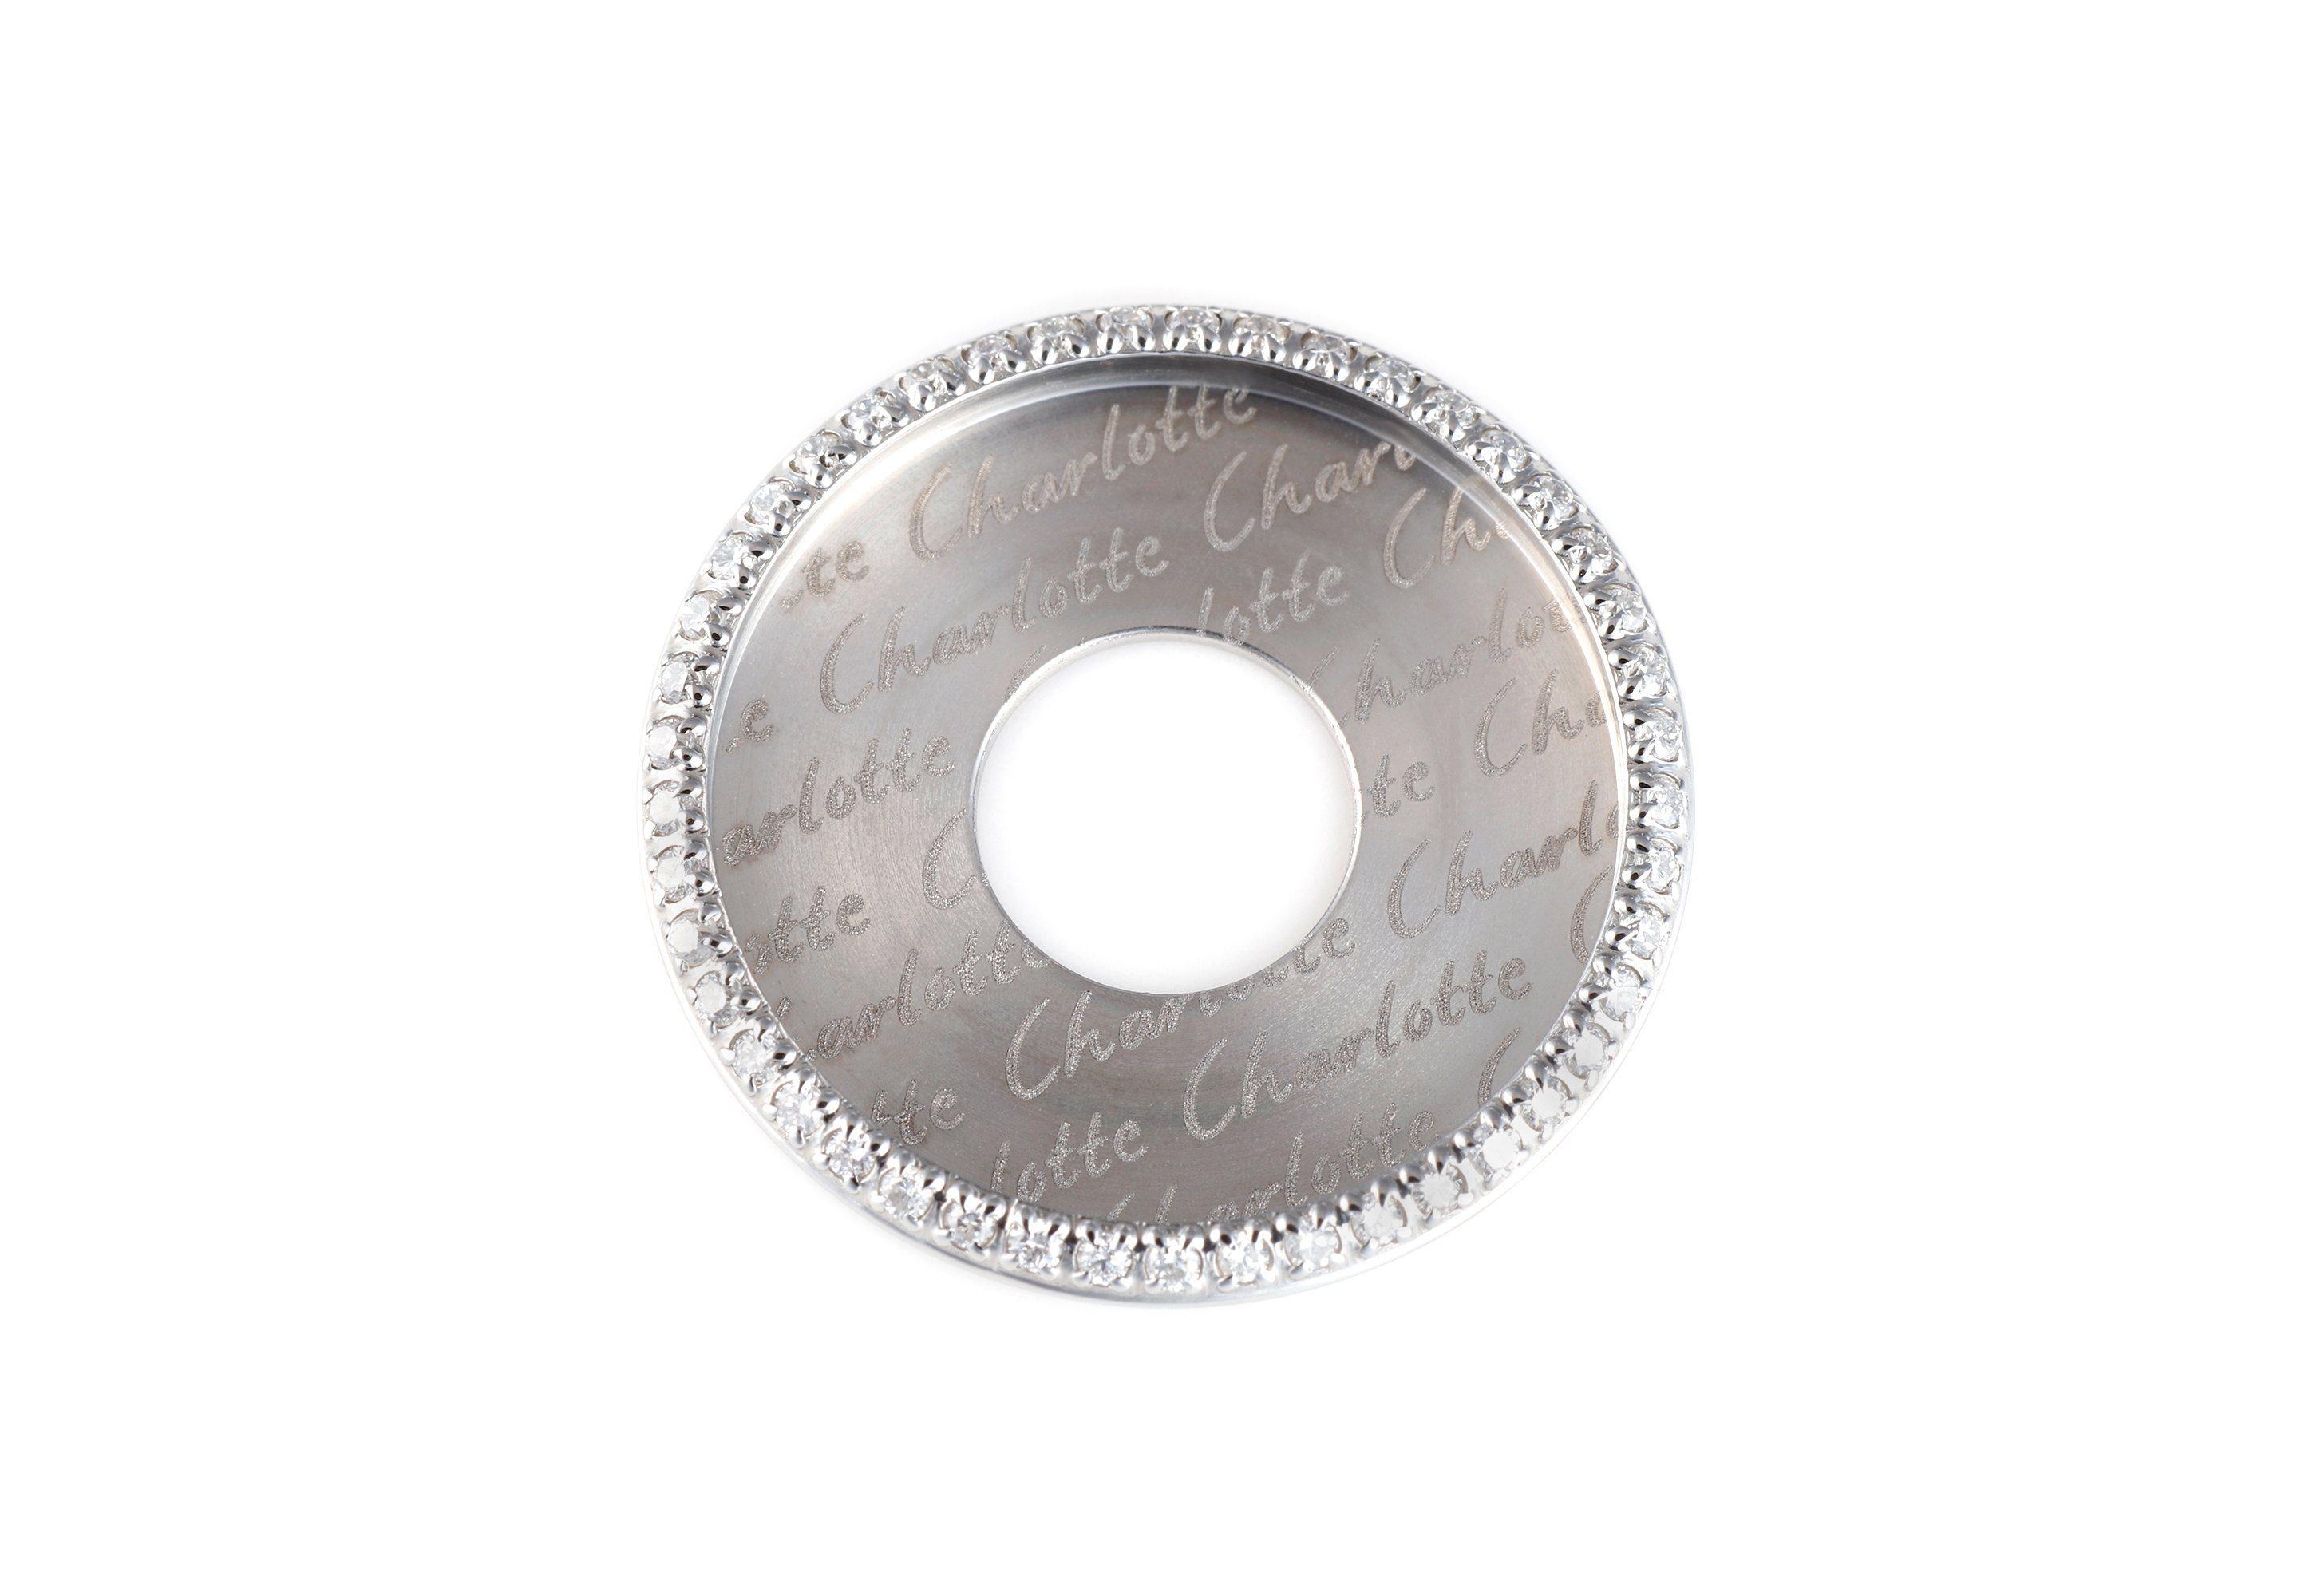 EHINGER SCHWARZ 1876 Scheibe mit Brillant-Besatz für das Ringsystem Charlotte